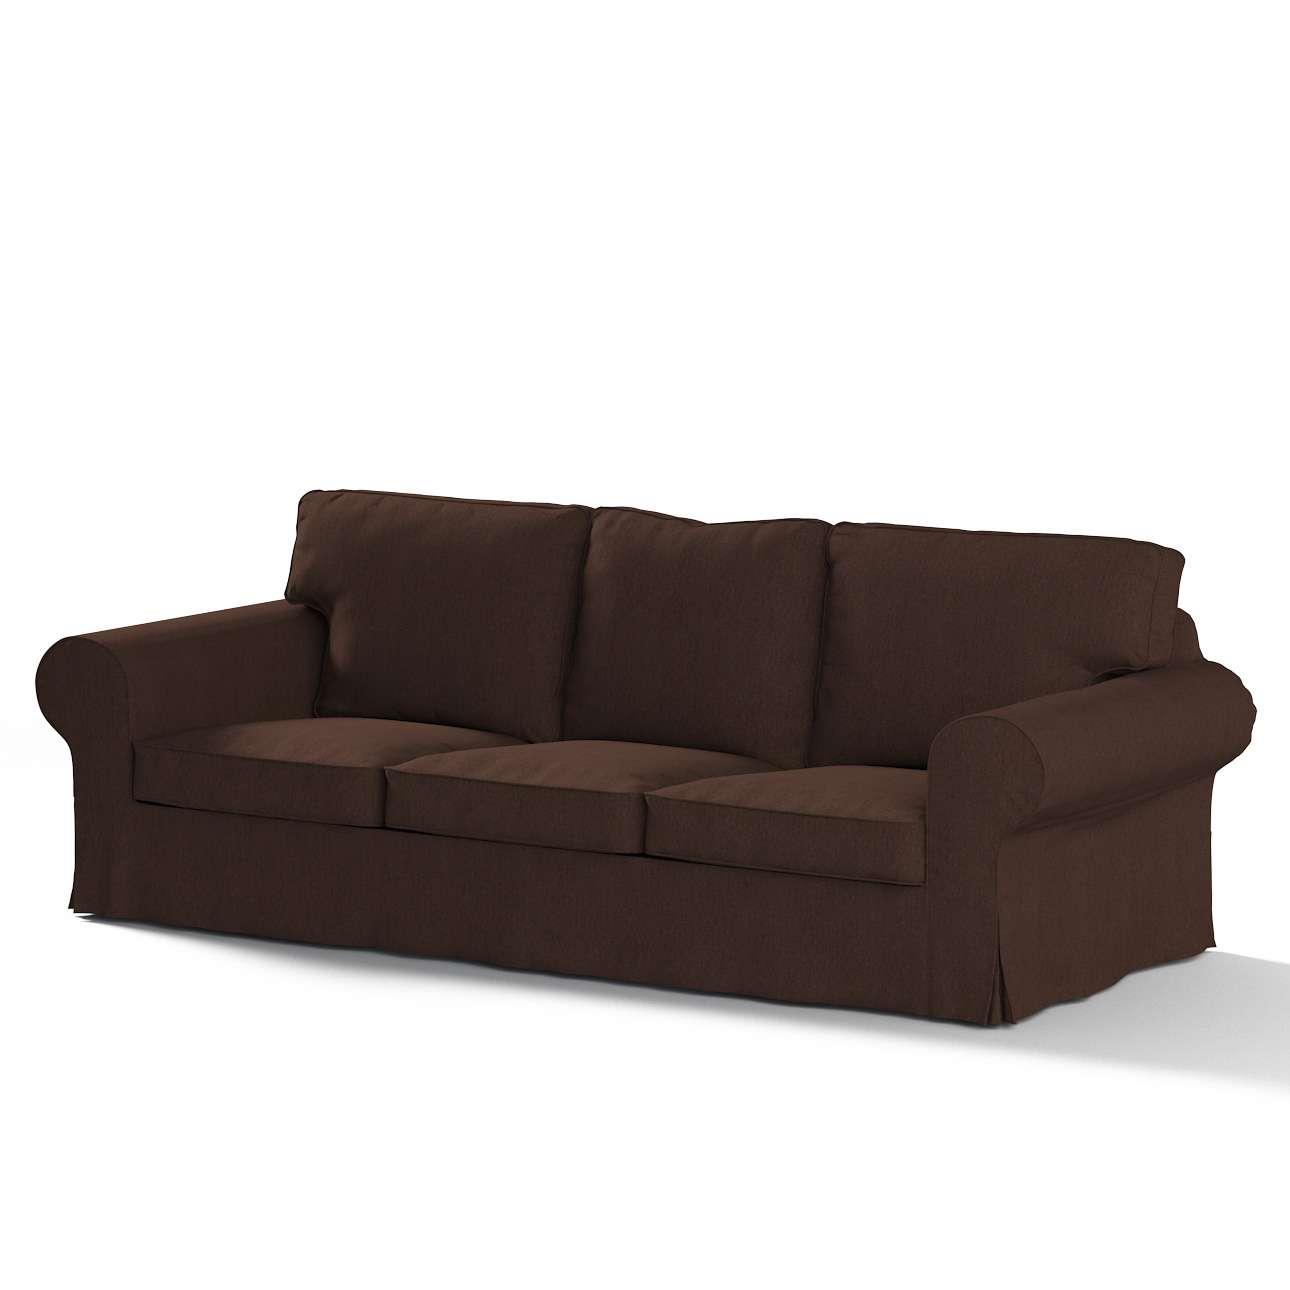 Pokrowiec na sofę Ektorp 3-osobową, rozkładaną NOWY MODEL 2013 Ektorp 3-os rozkładany nowy model 2013 w kolekcji Chenille, tkanina: 702-18